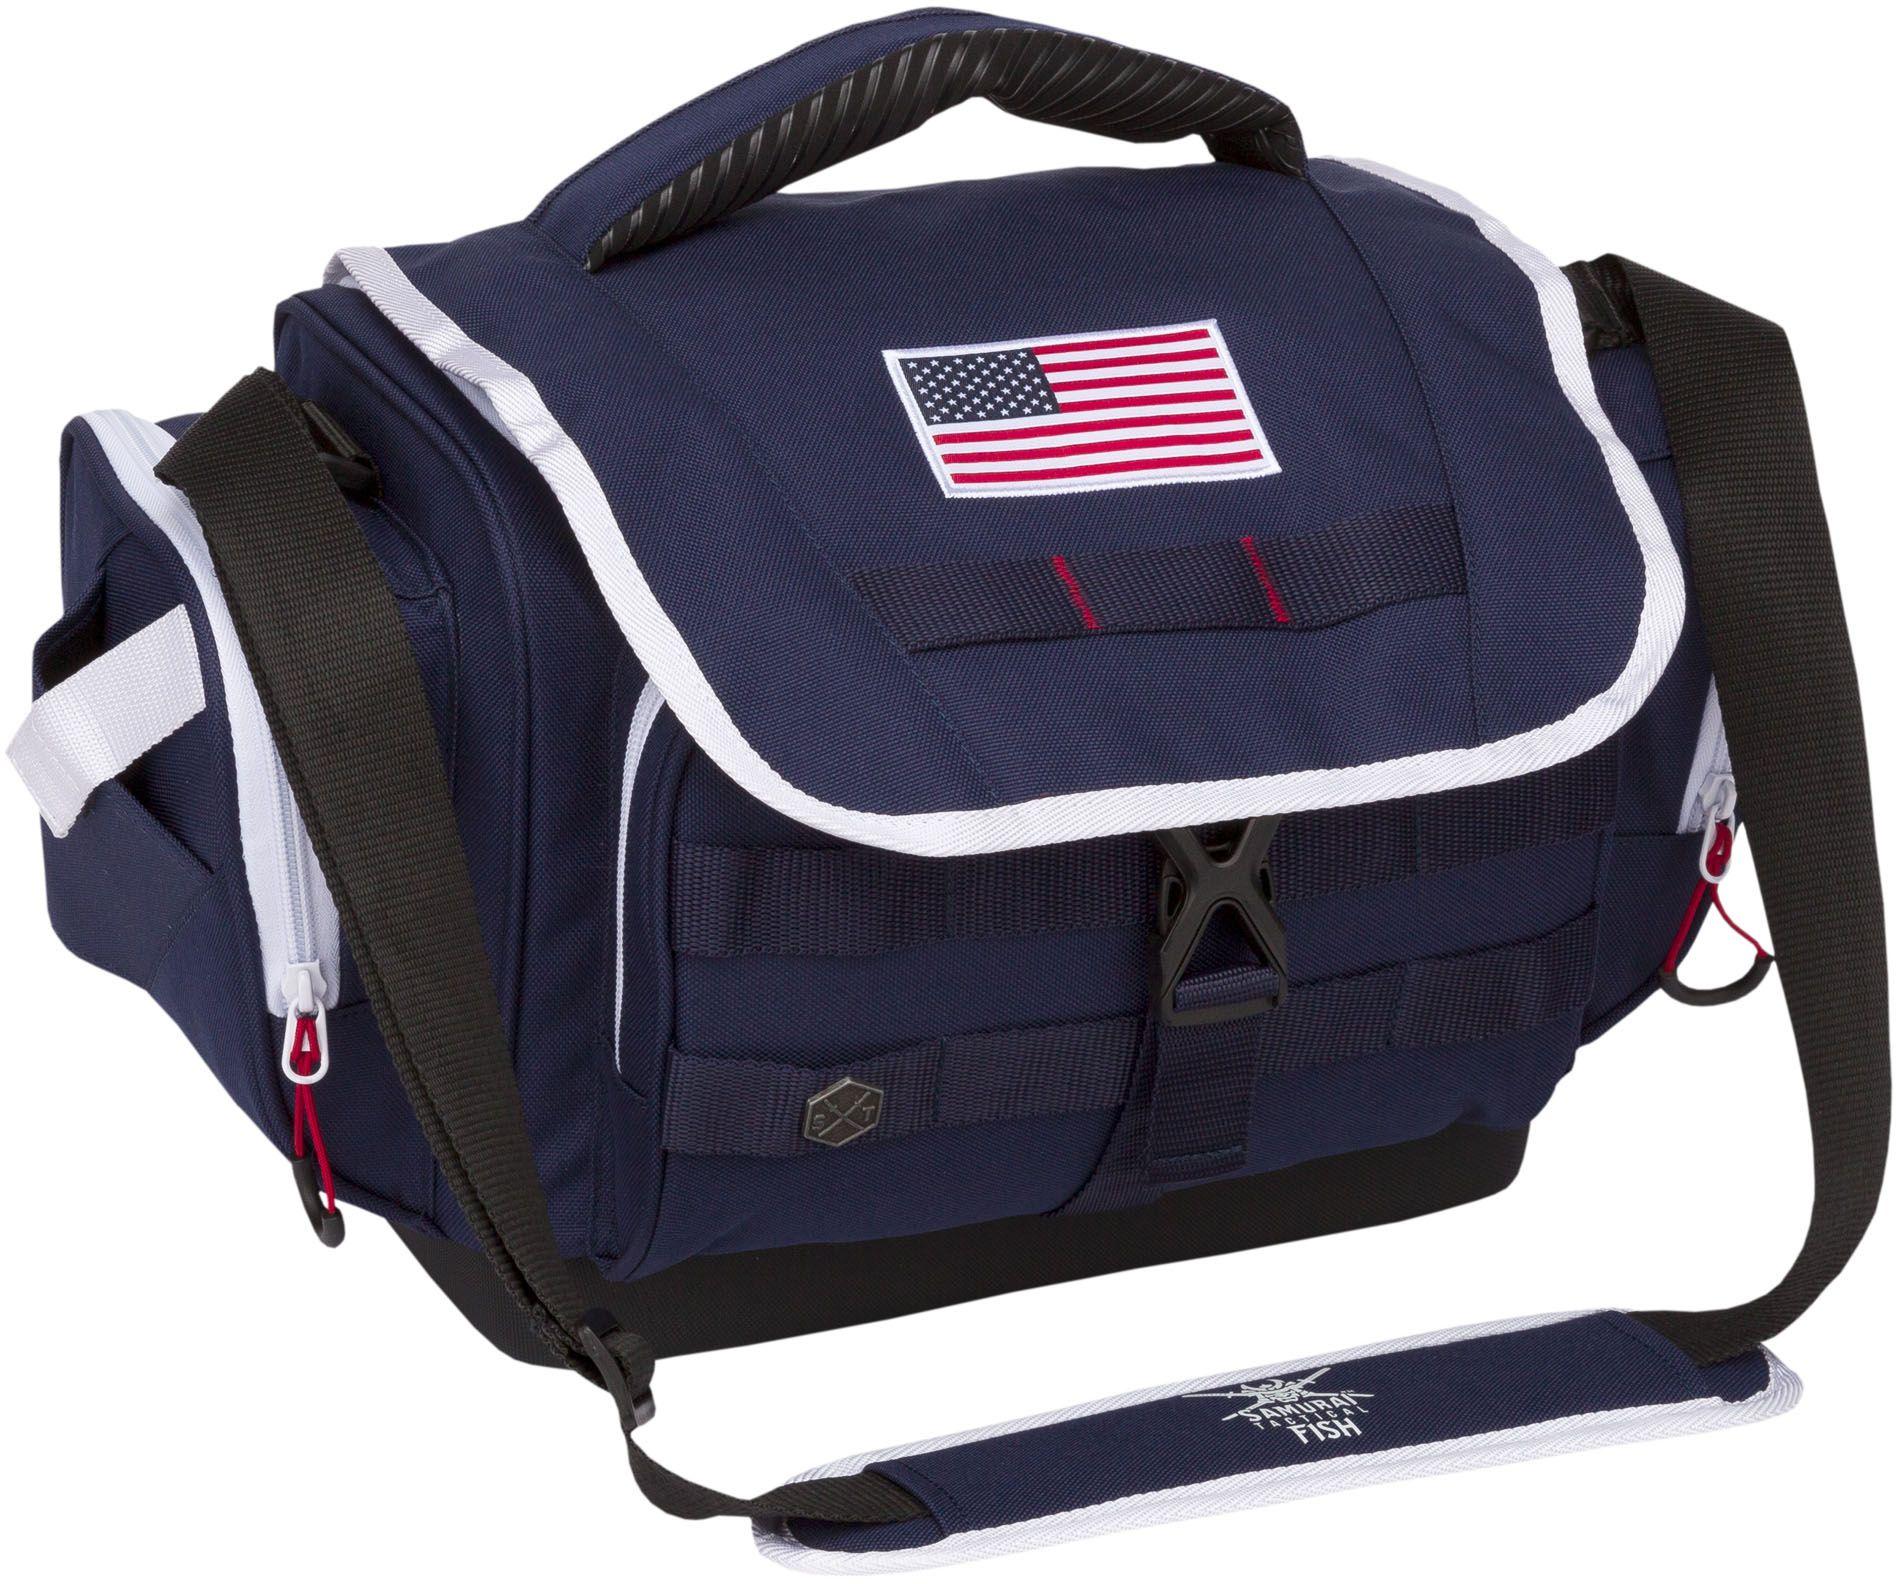 Samurai Tactical Ikari Medium Tackle Bag, Size: One size